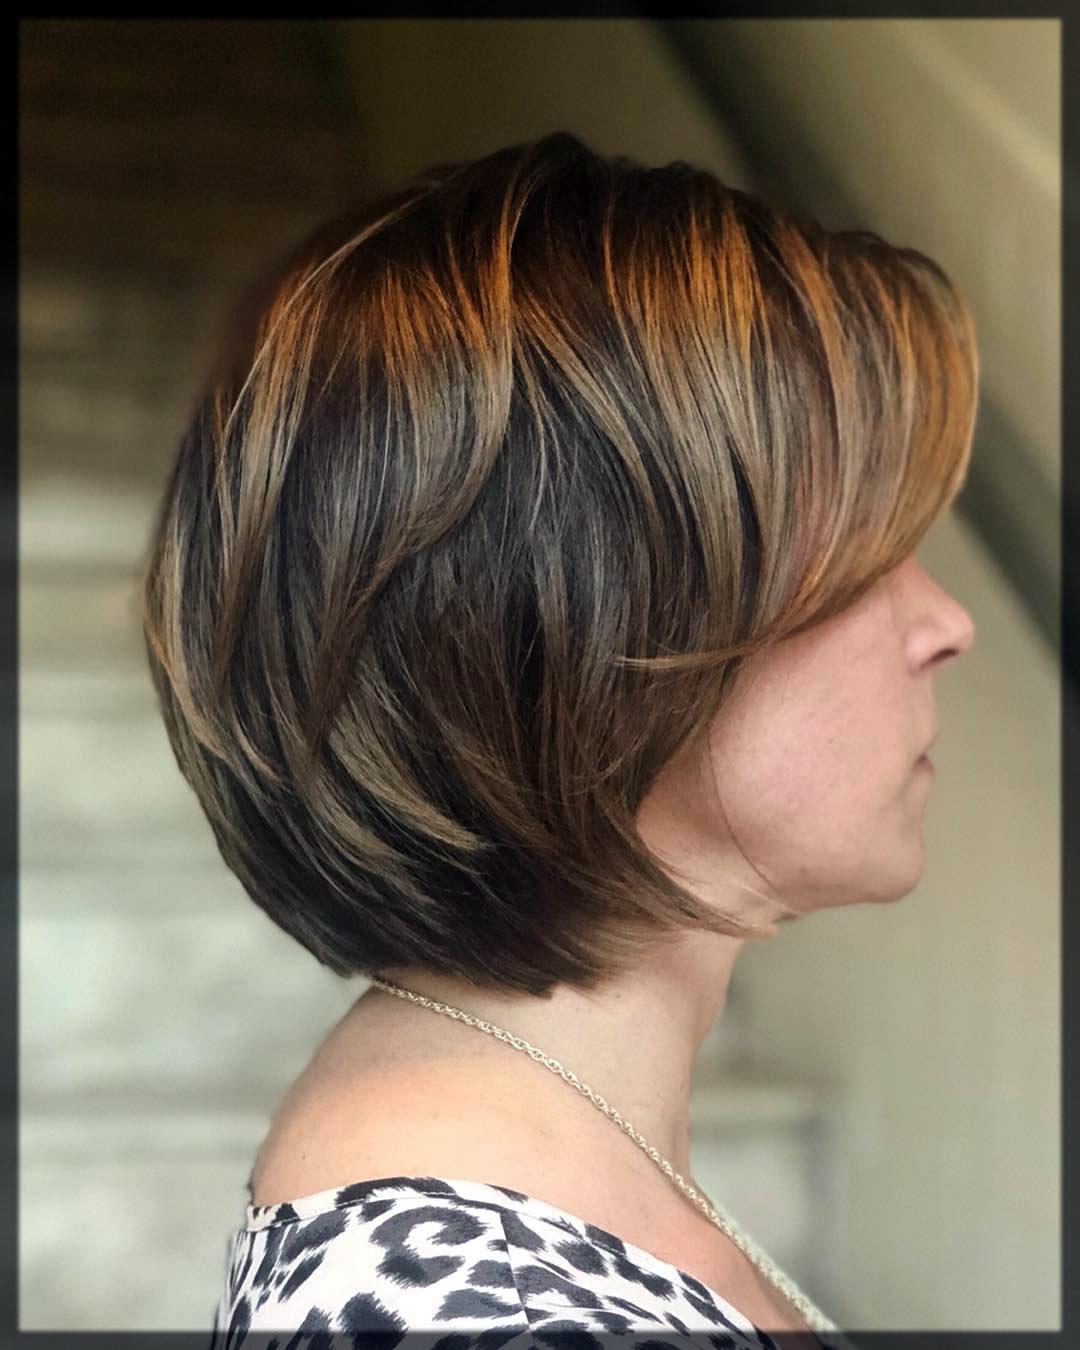 classy short hairdo for girls